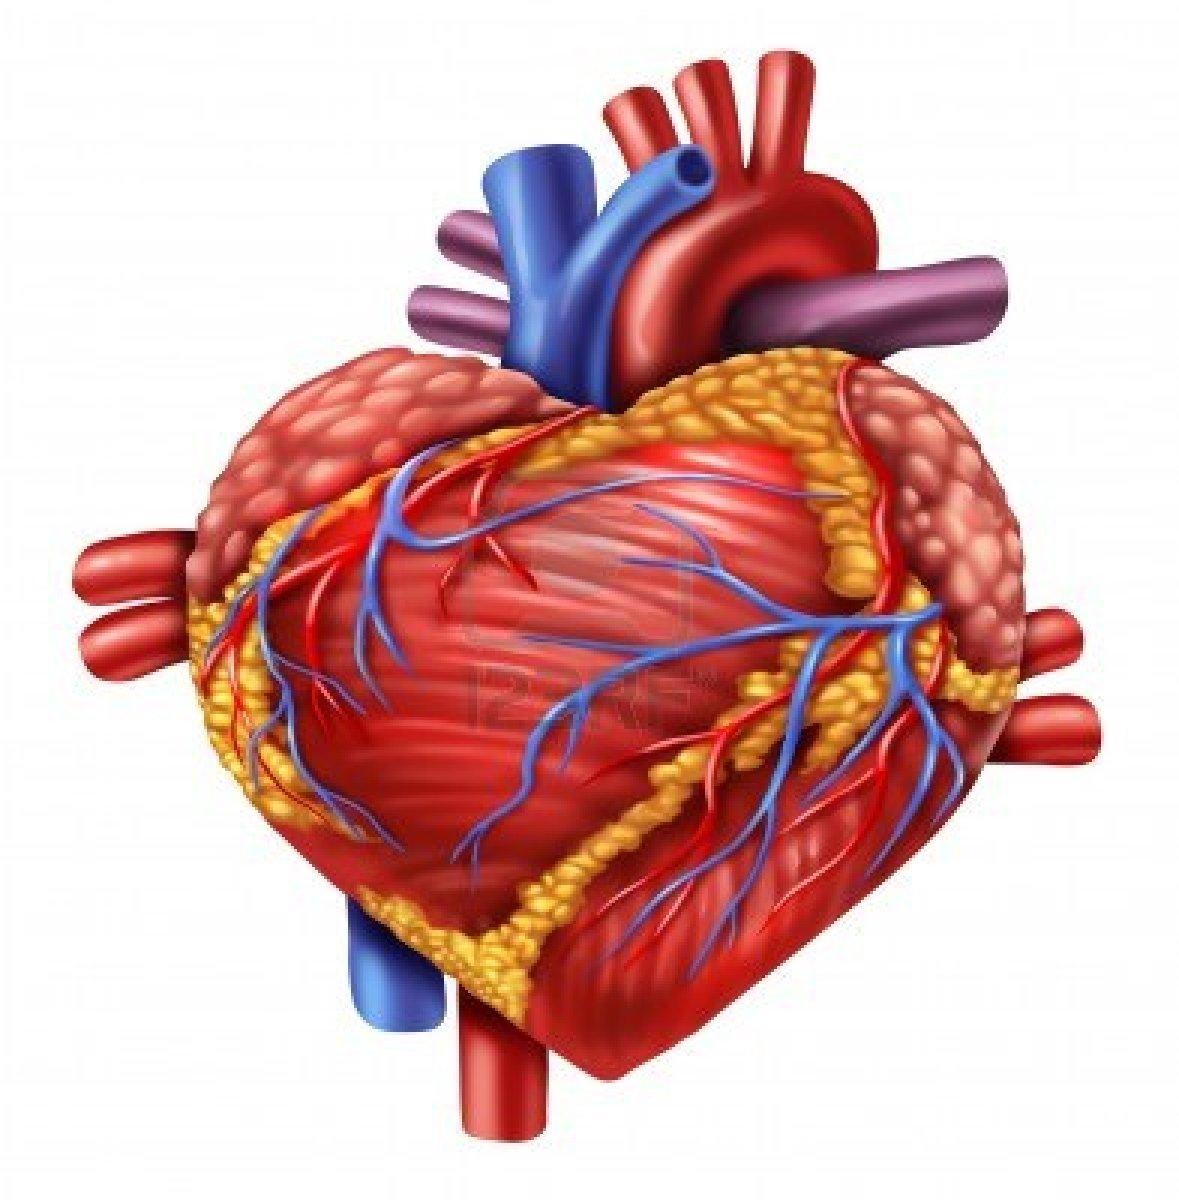 Im gen del corazon humano imagui for Fotos del corazon